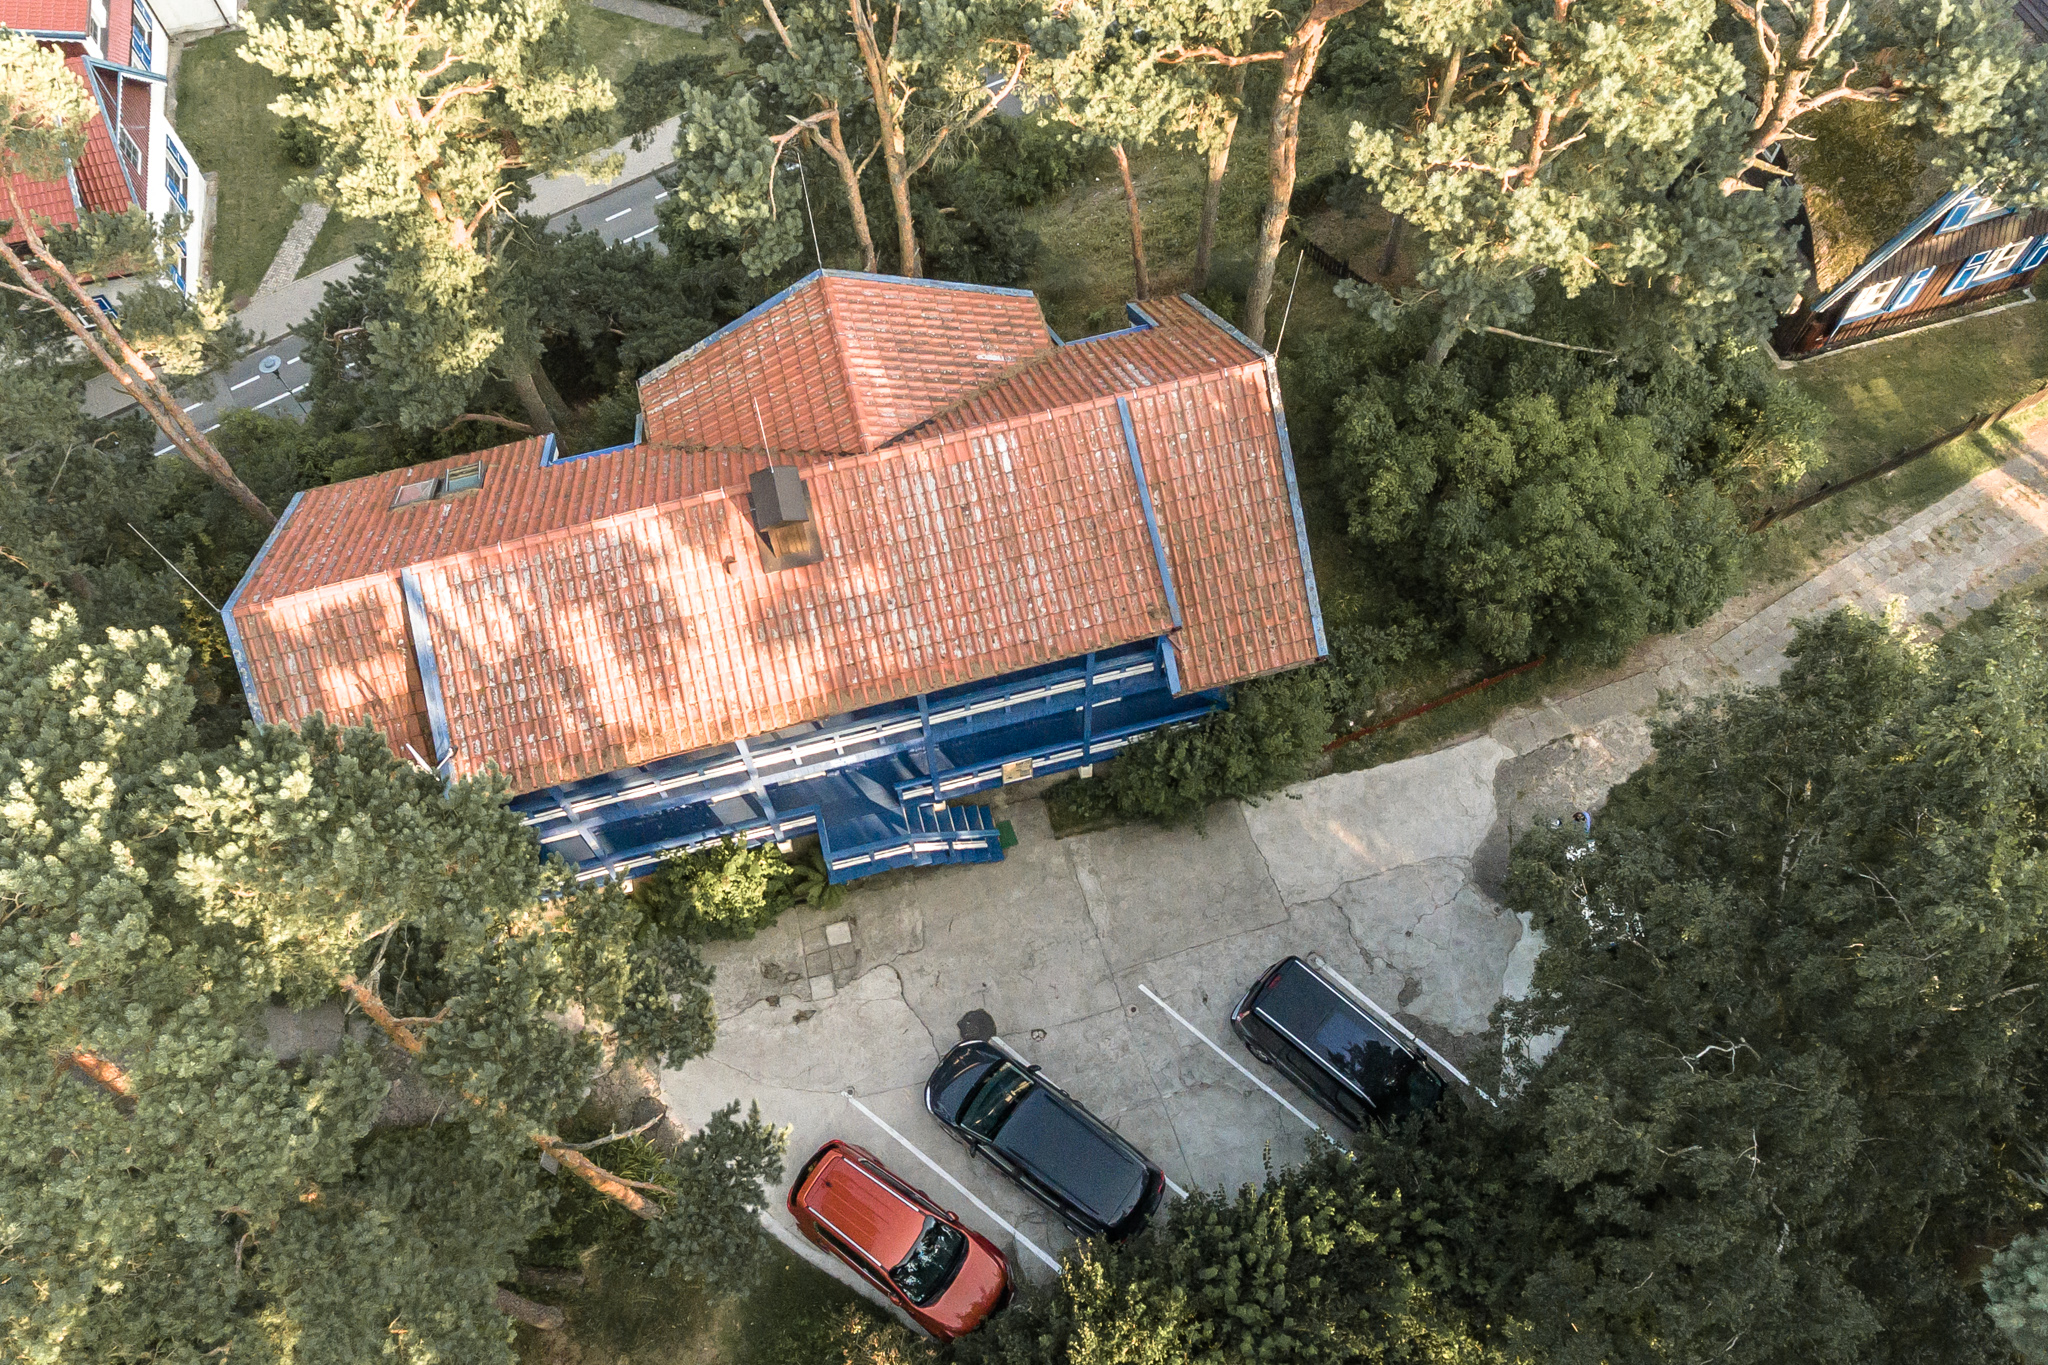 Ausra Drone Outside (1 of 5).JPG